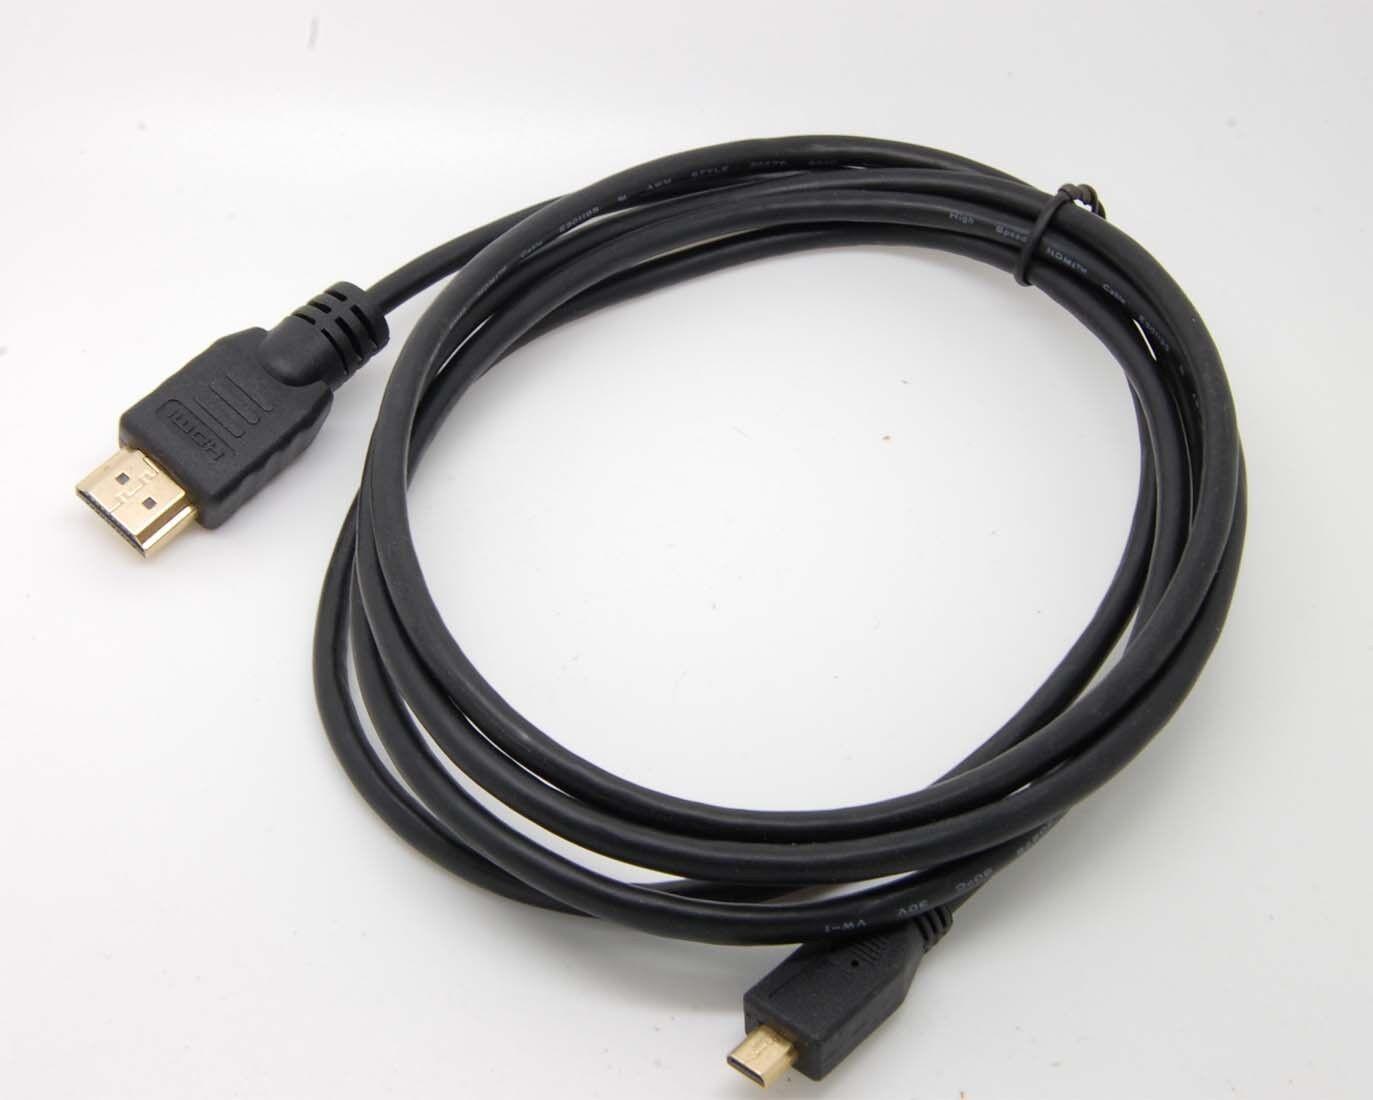 E‑M10 Mark II Camera Life-Tech 6FT Micro HDMI to HDMI Cable Cord for Olympus E‑M5 E‑M5 Mark II E‑M10